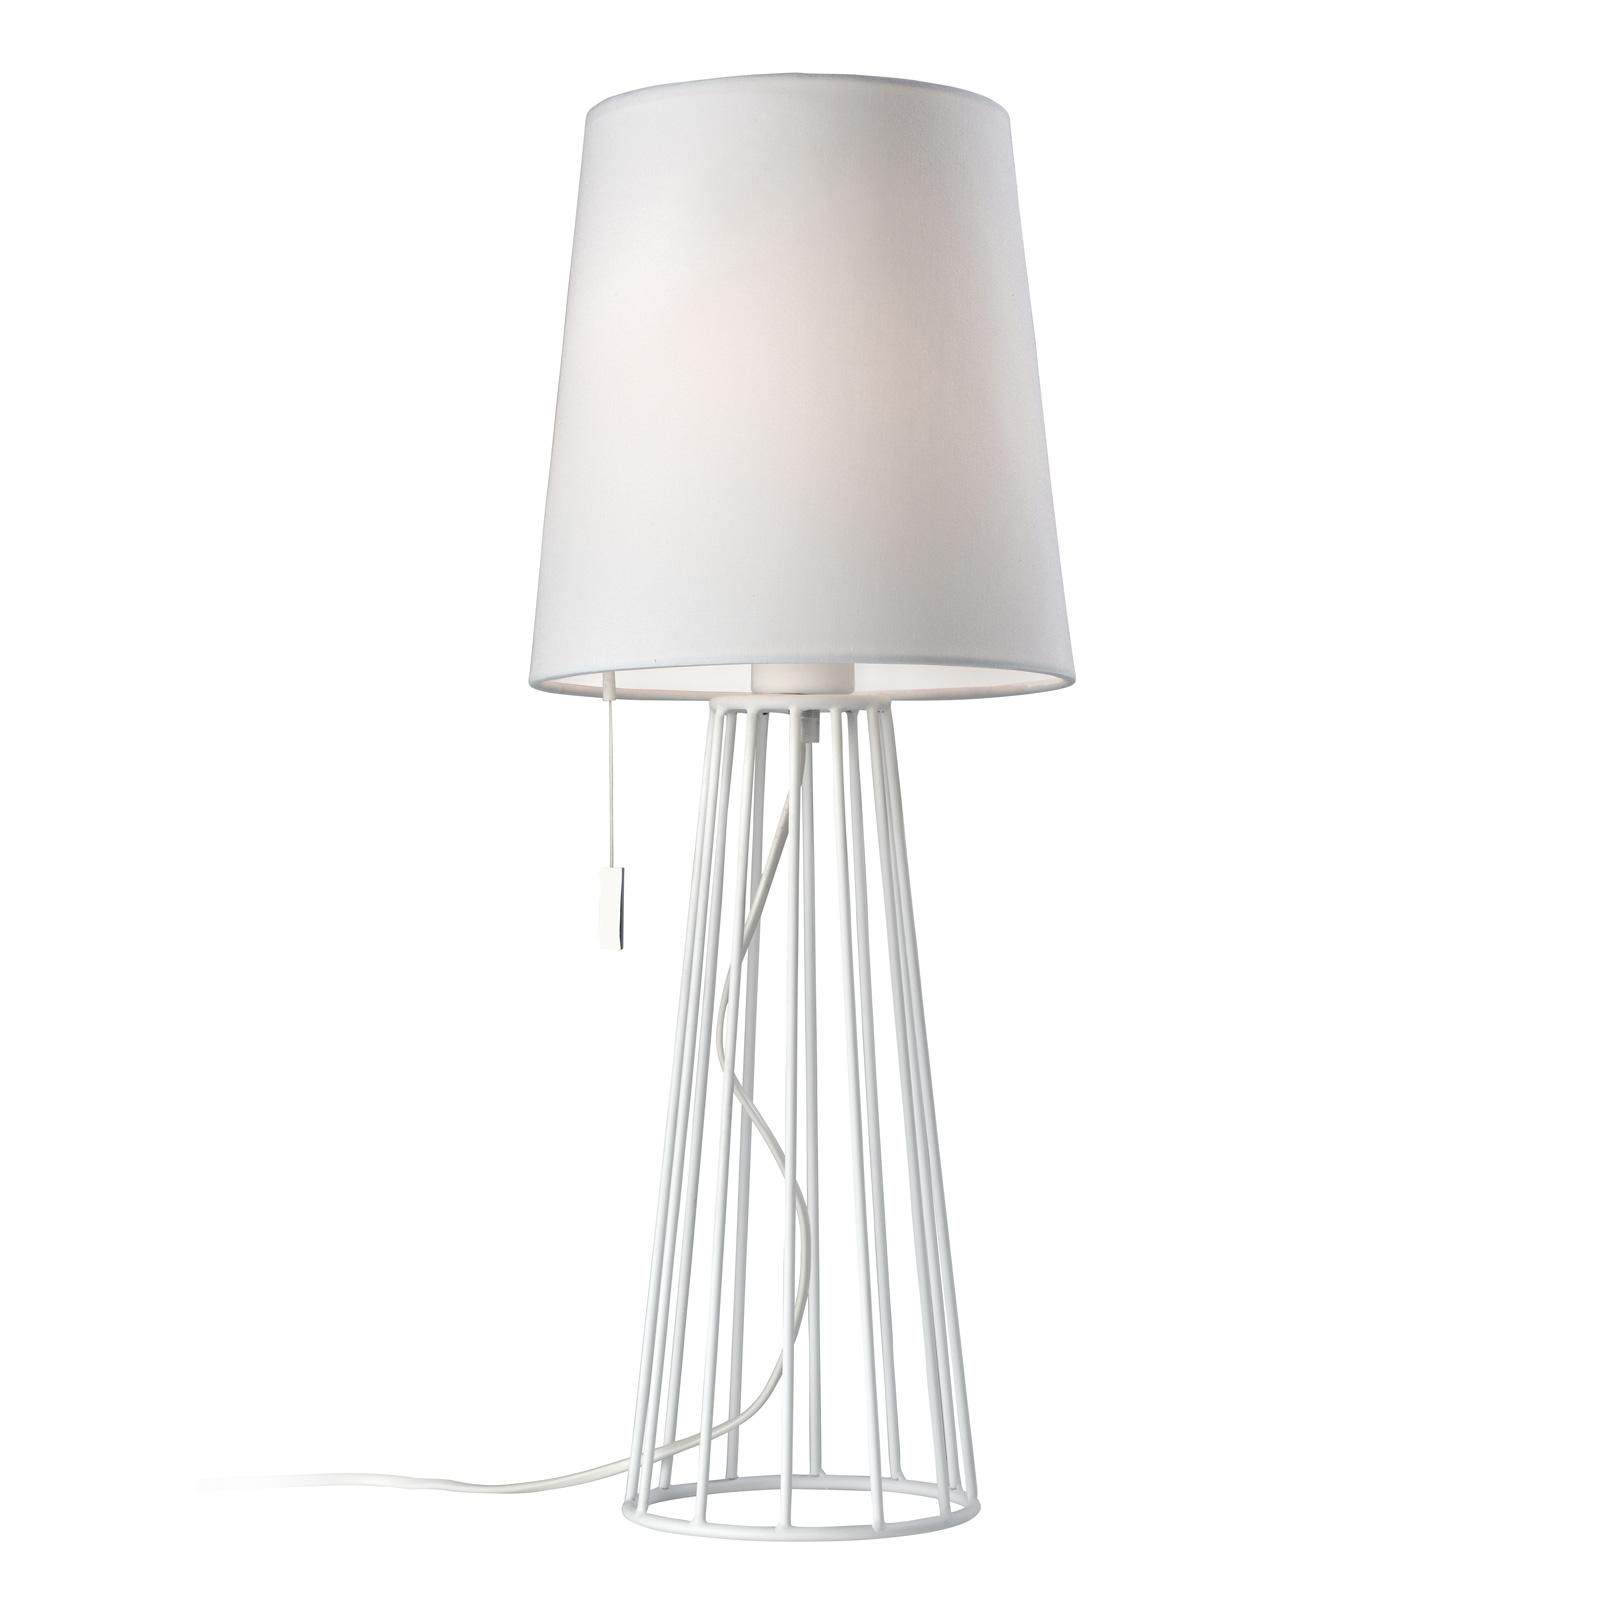 Villeroy & Boch Milano pöytälamppu valkoinen